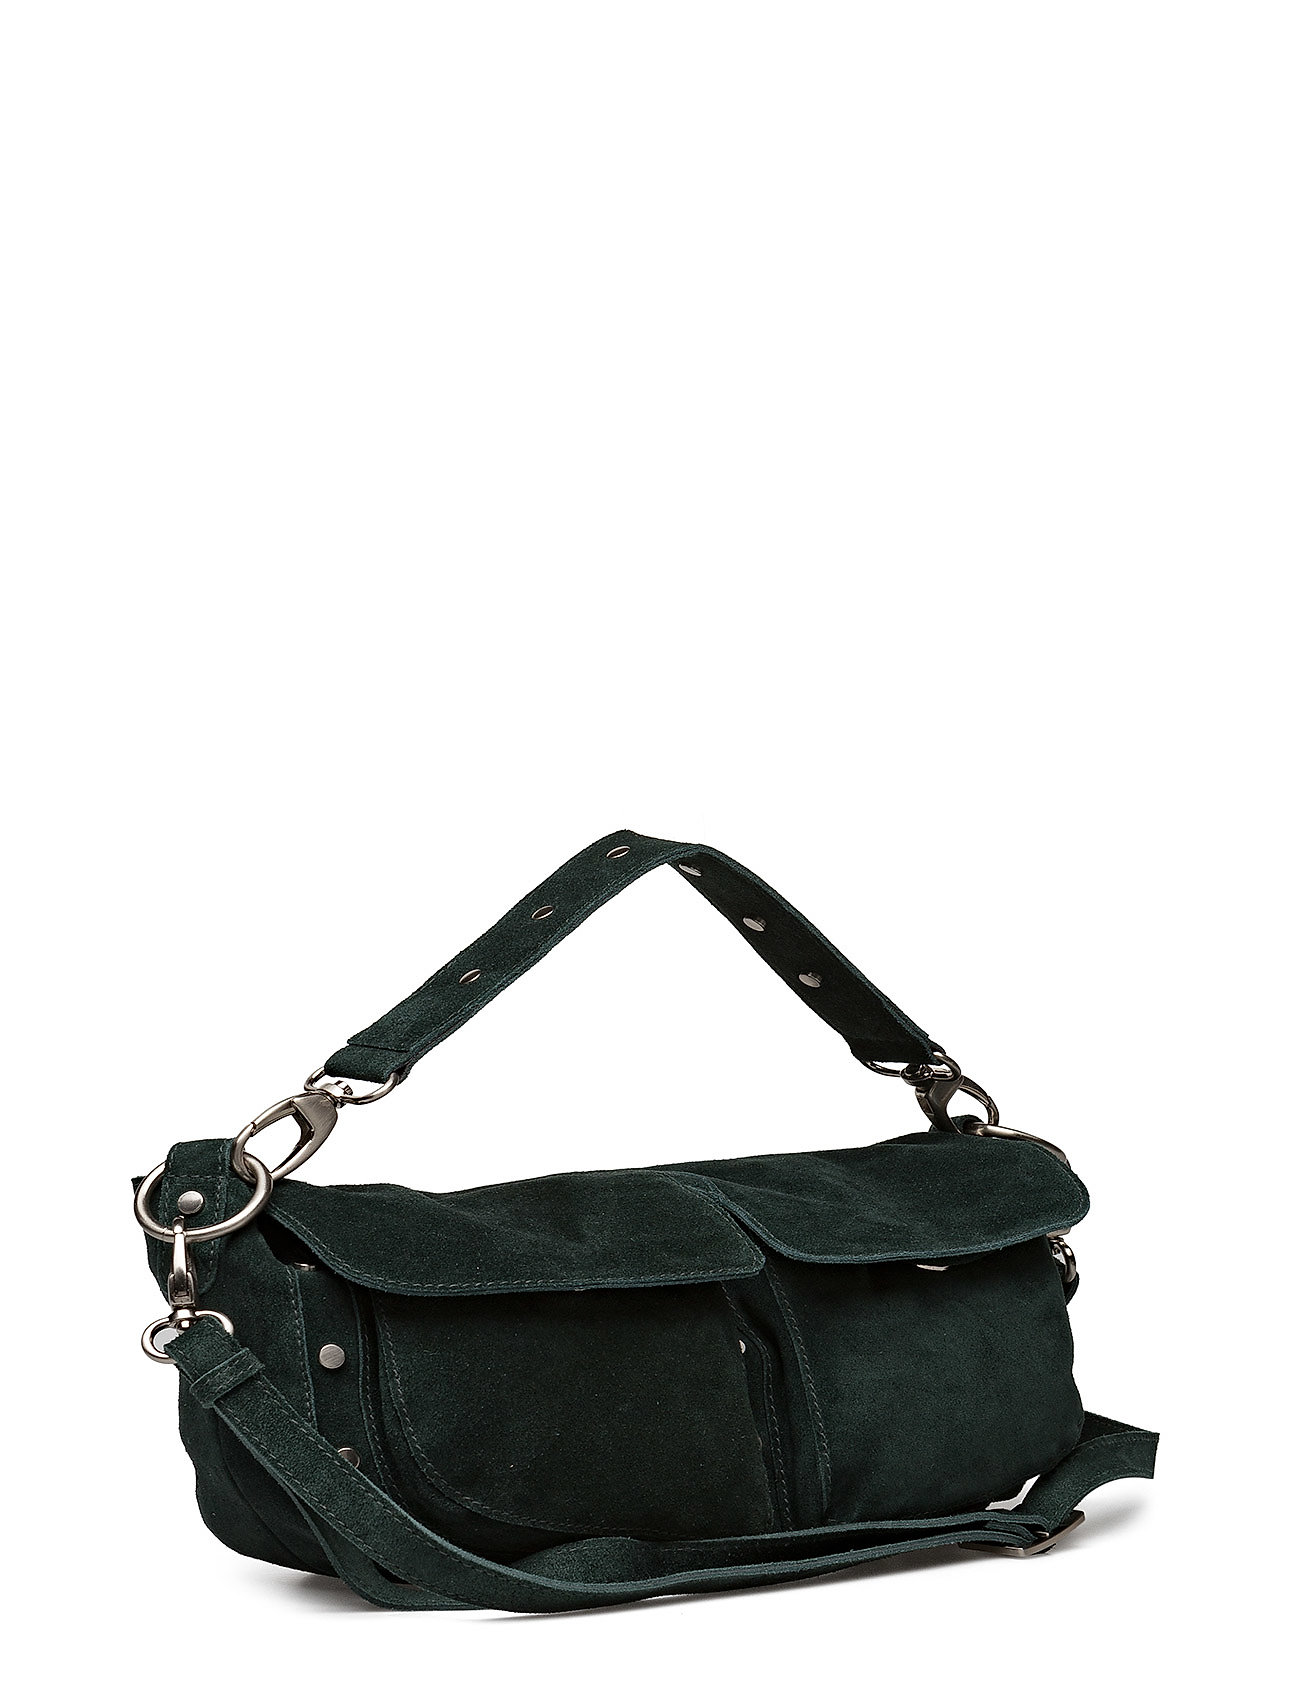 Shoulder Bag EmilygreenAdax Bag Shoulder EmilygreenAdax Unlimit Bag Unlimit Unlimit Shoulder uZPkiX